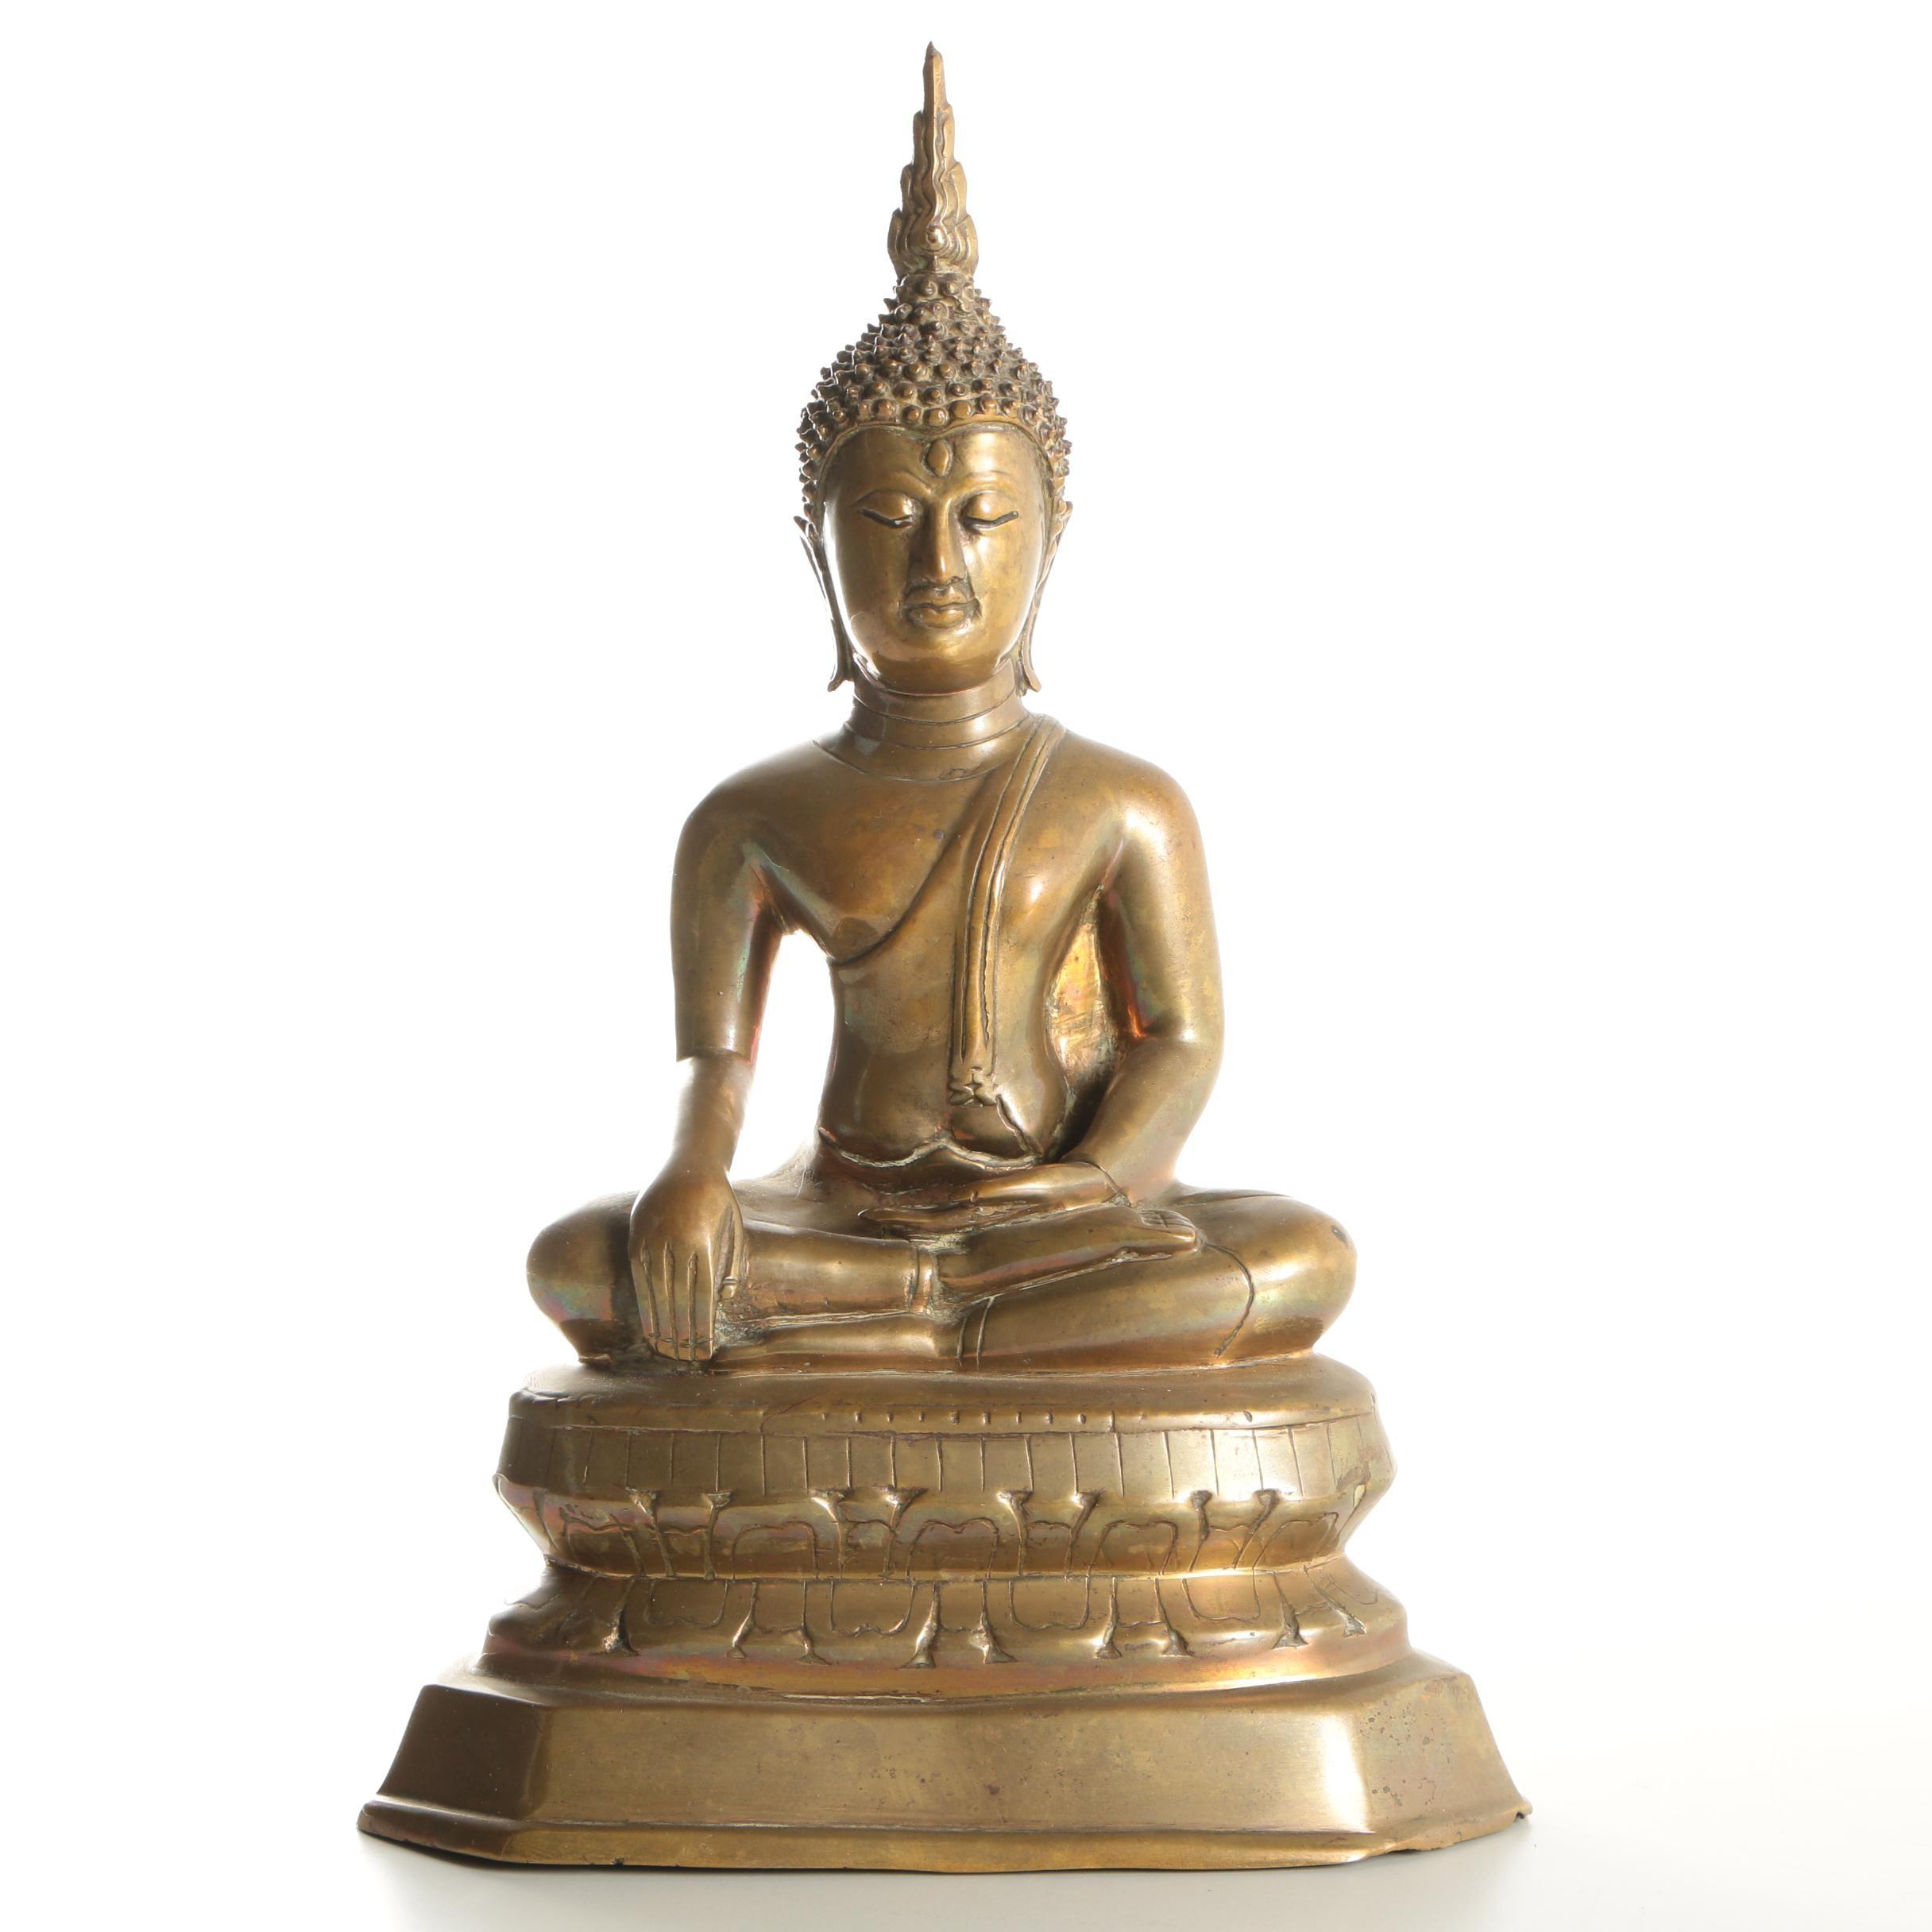 Southeast Asian Brass Buddha Sculpture